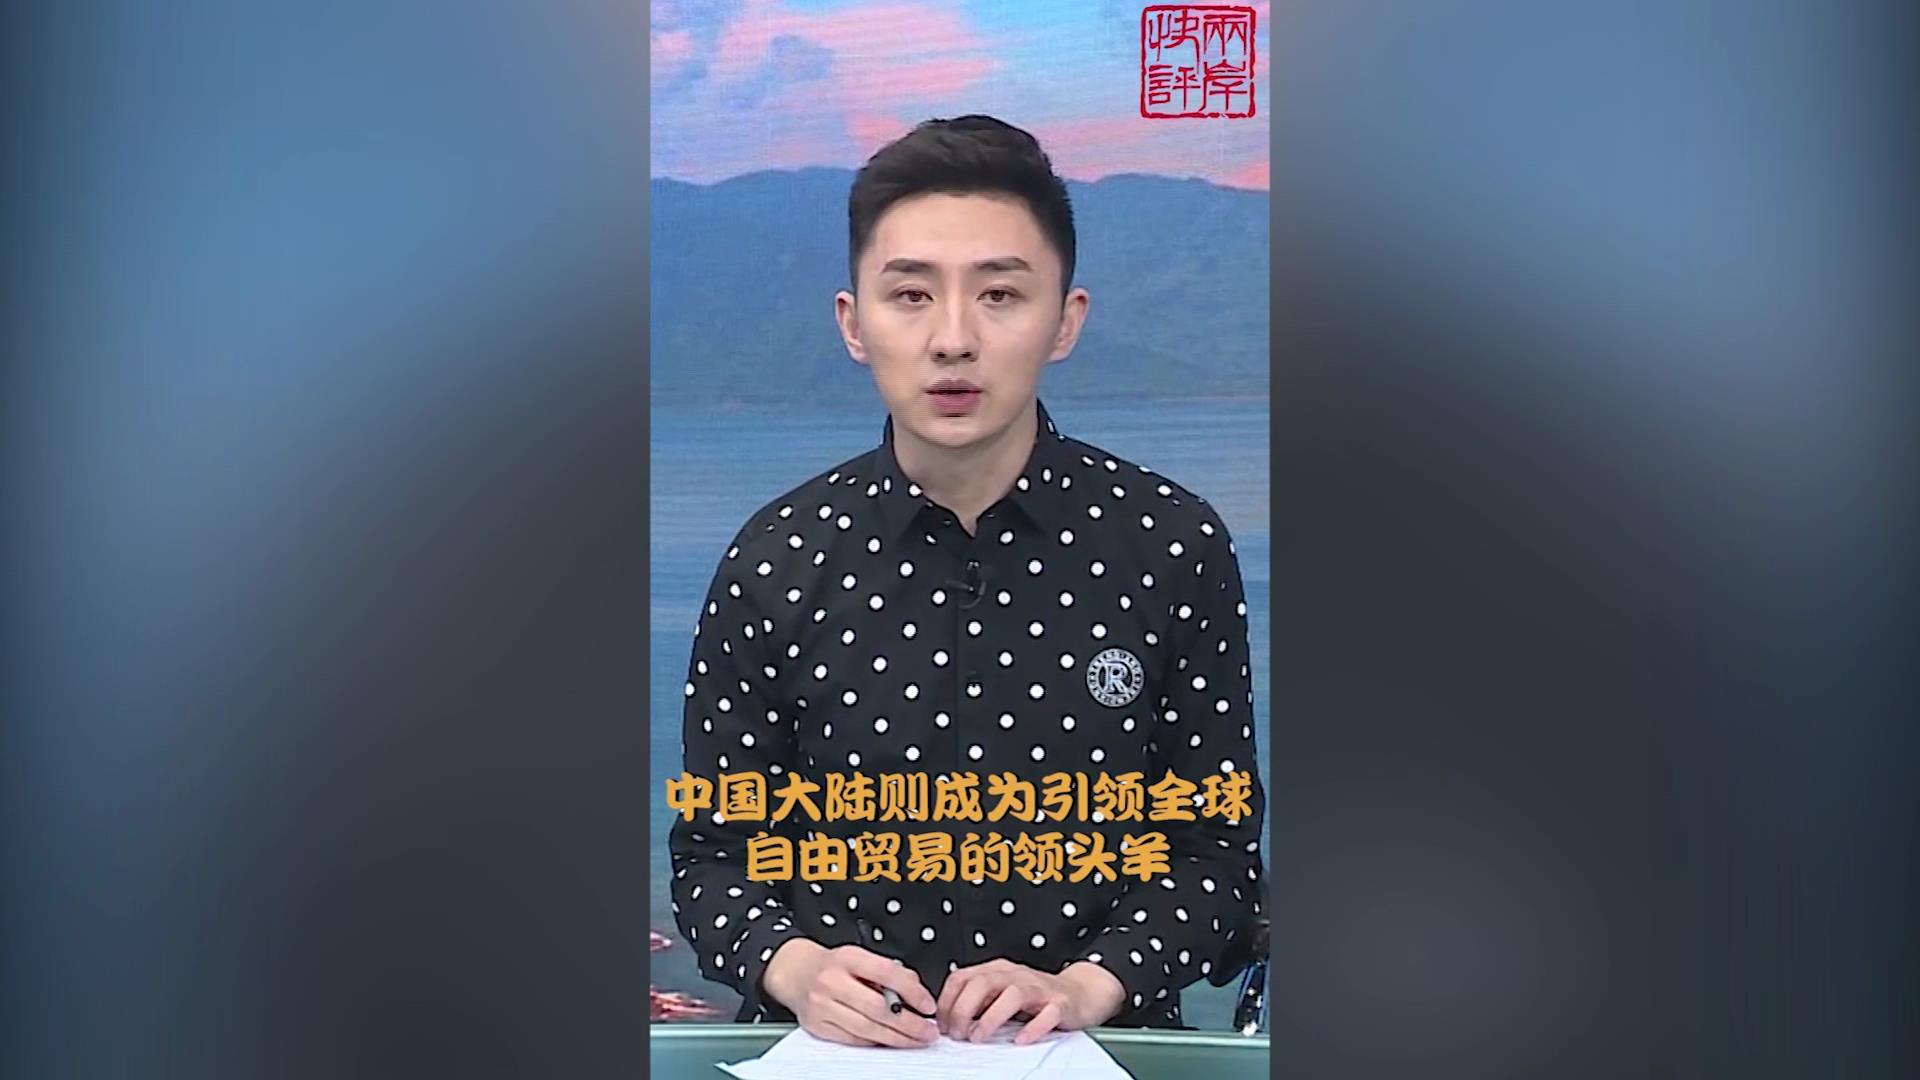 【两岸快评】美国逆全球化,台湾有啥出路?.jpg